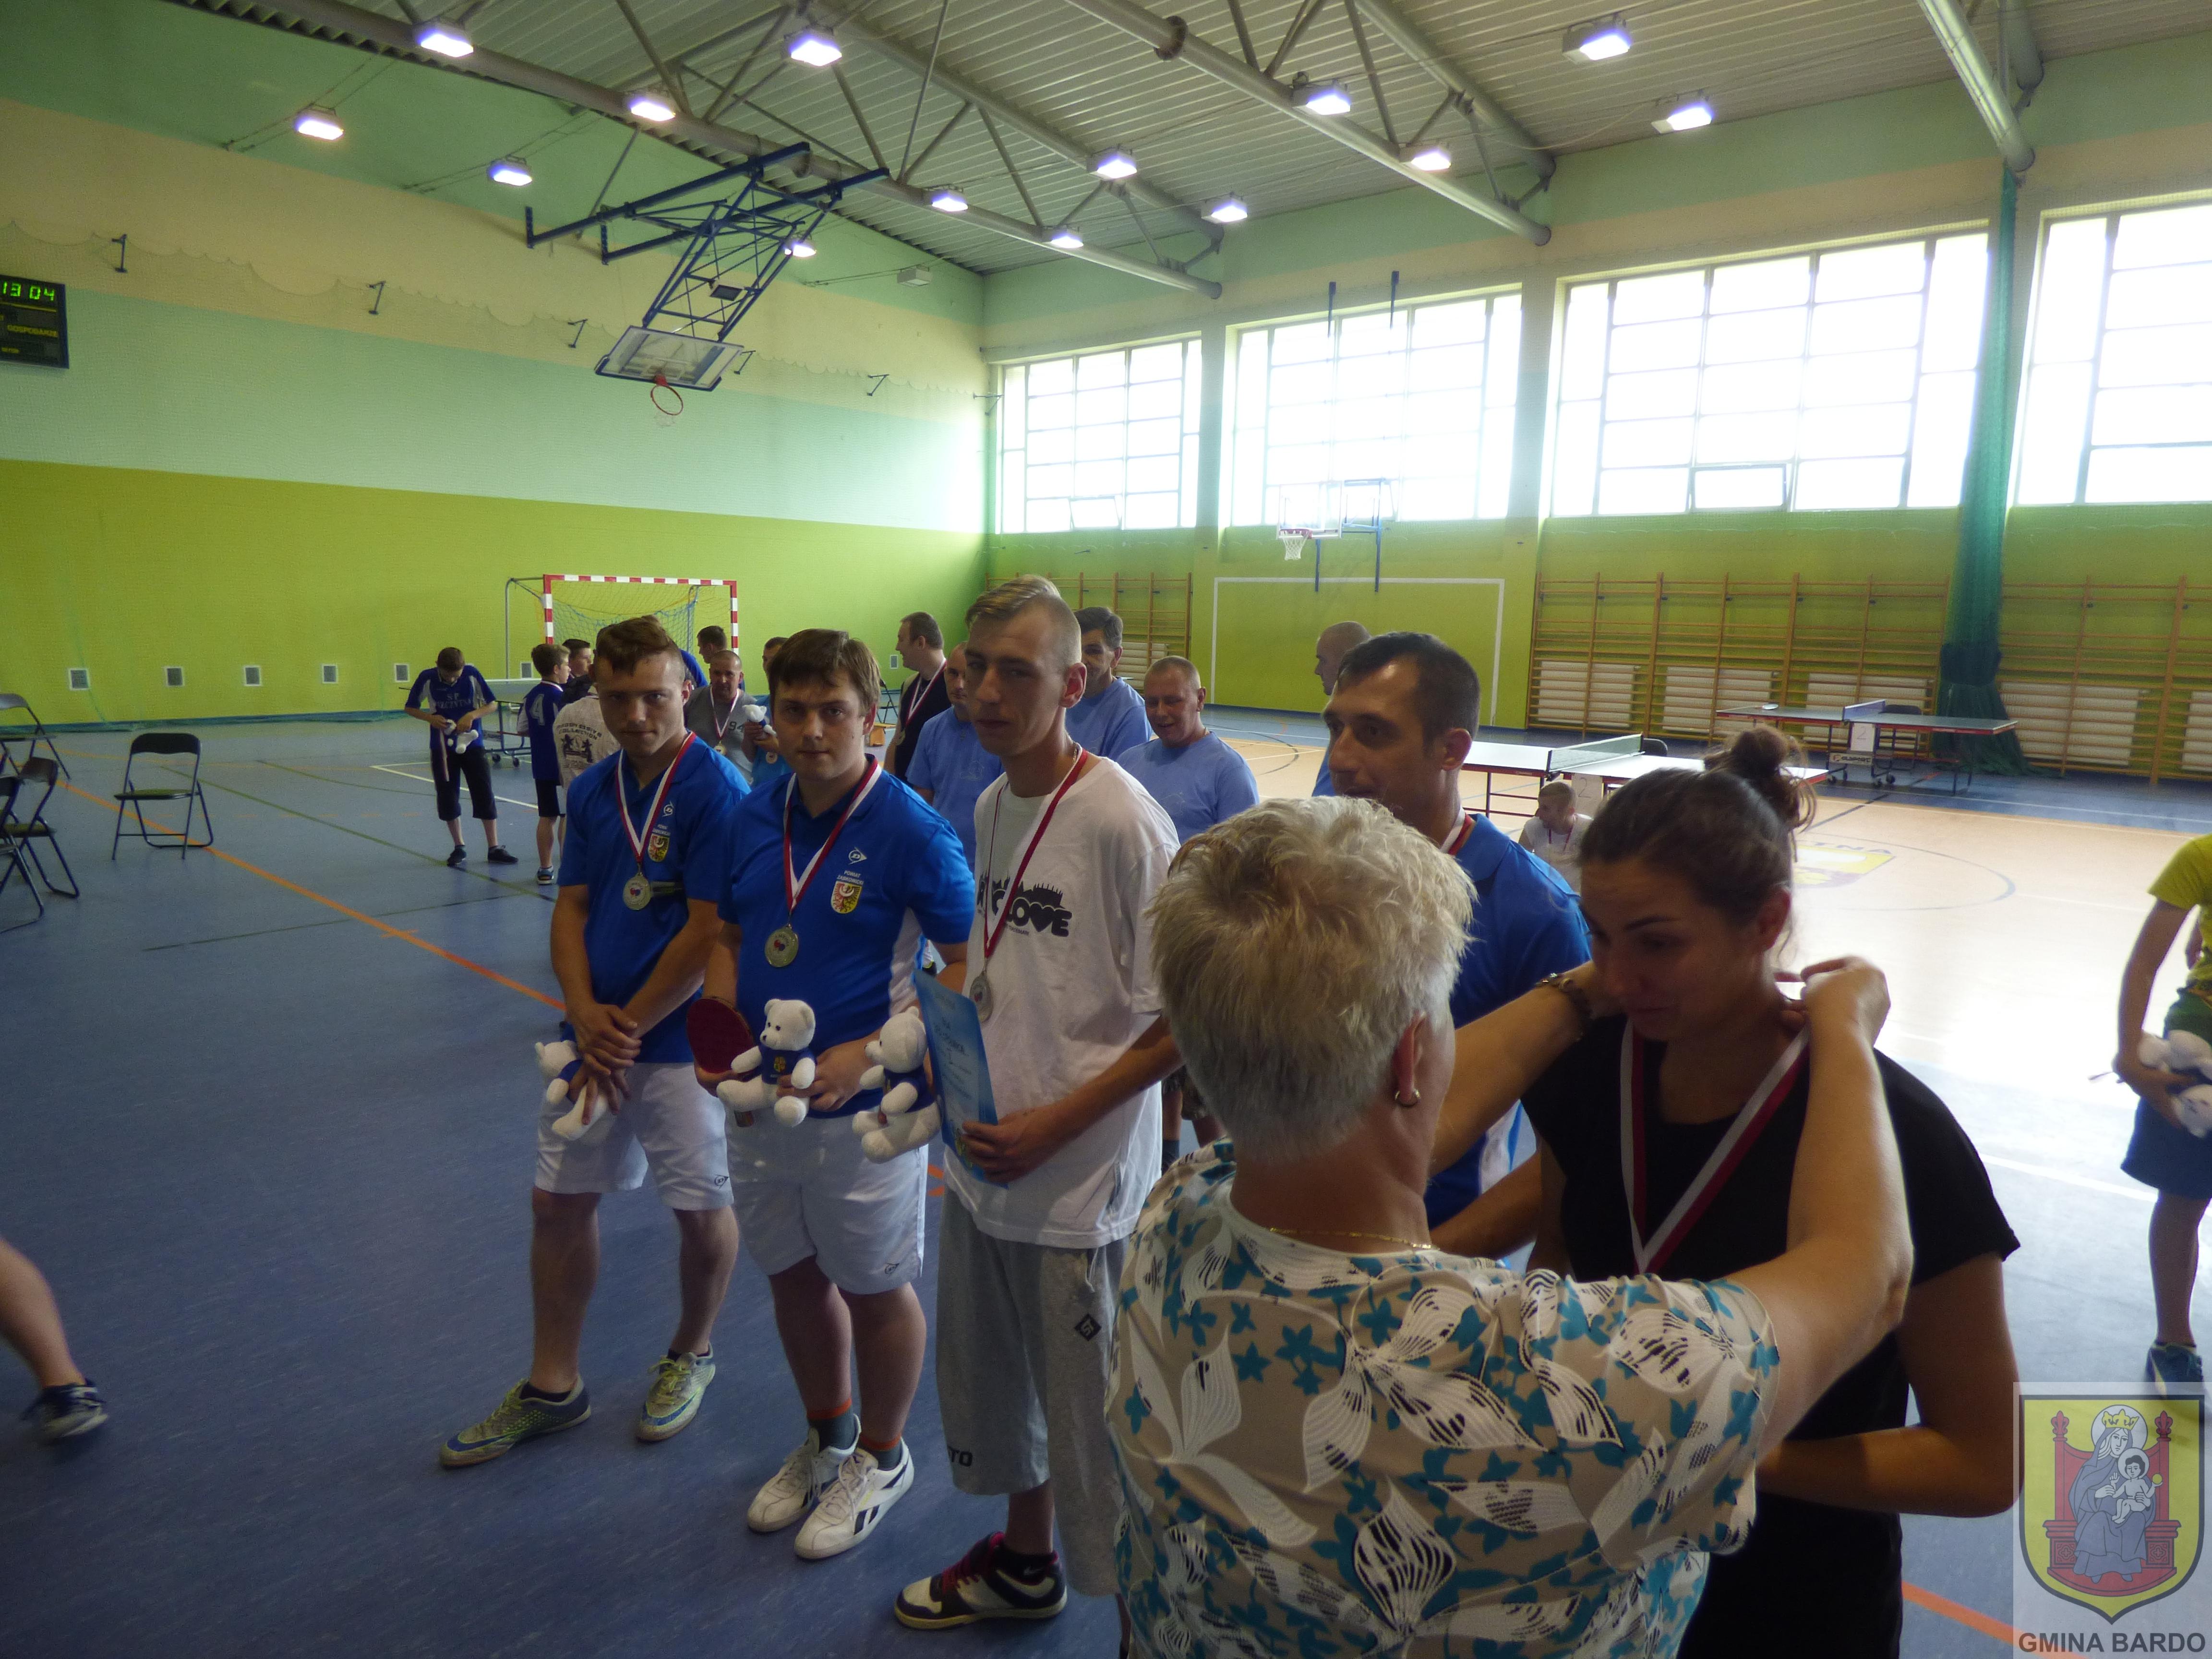 DPS Zamek na zawodach w tenisie stołowym (5)